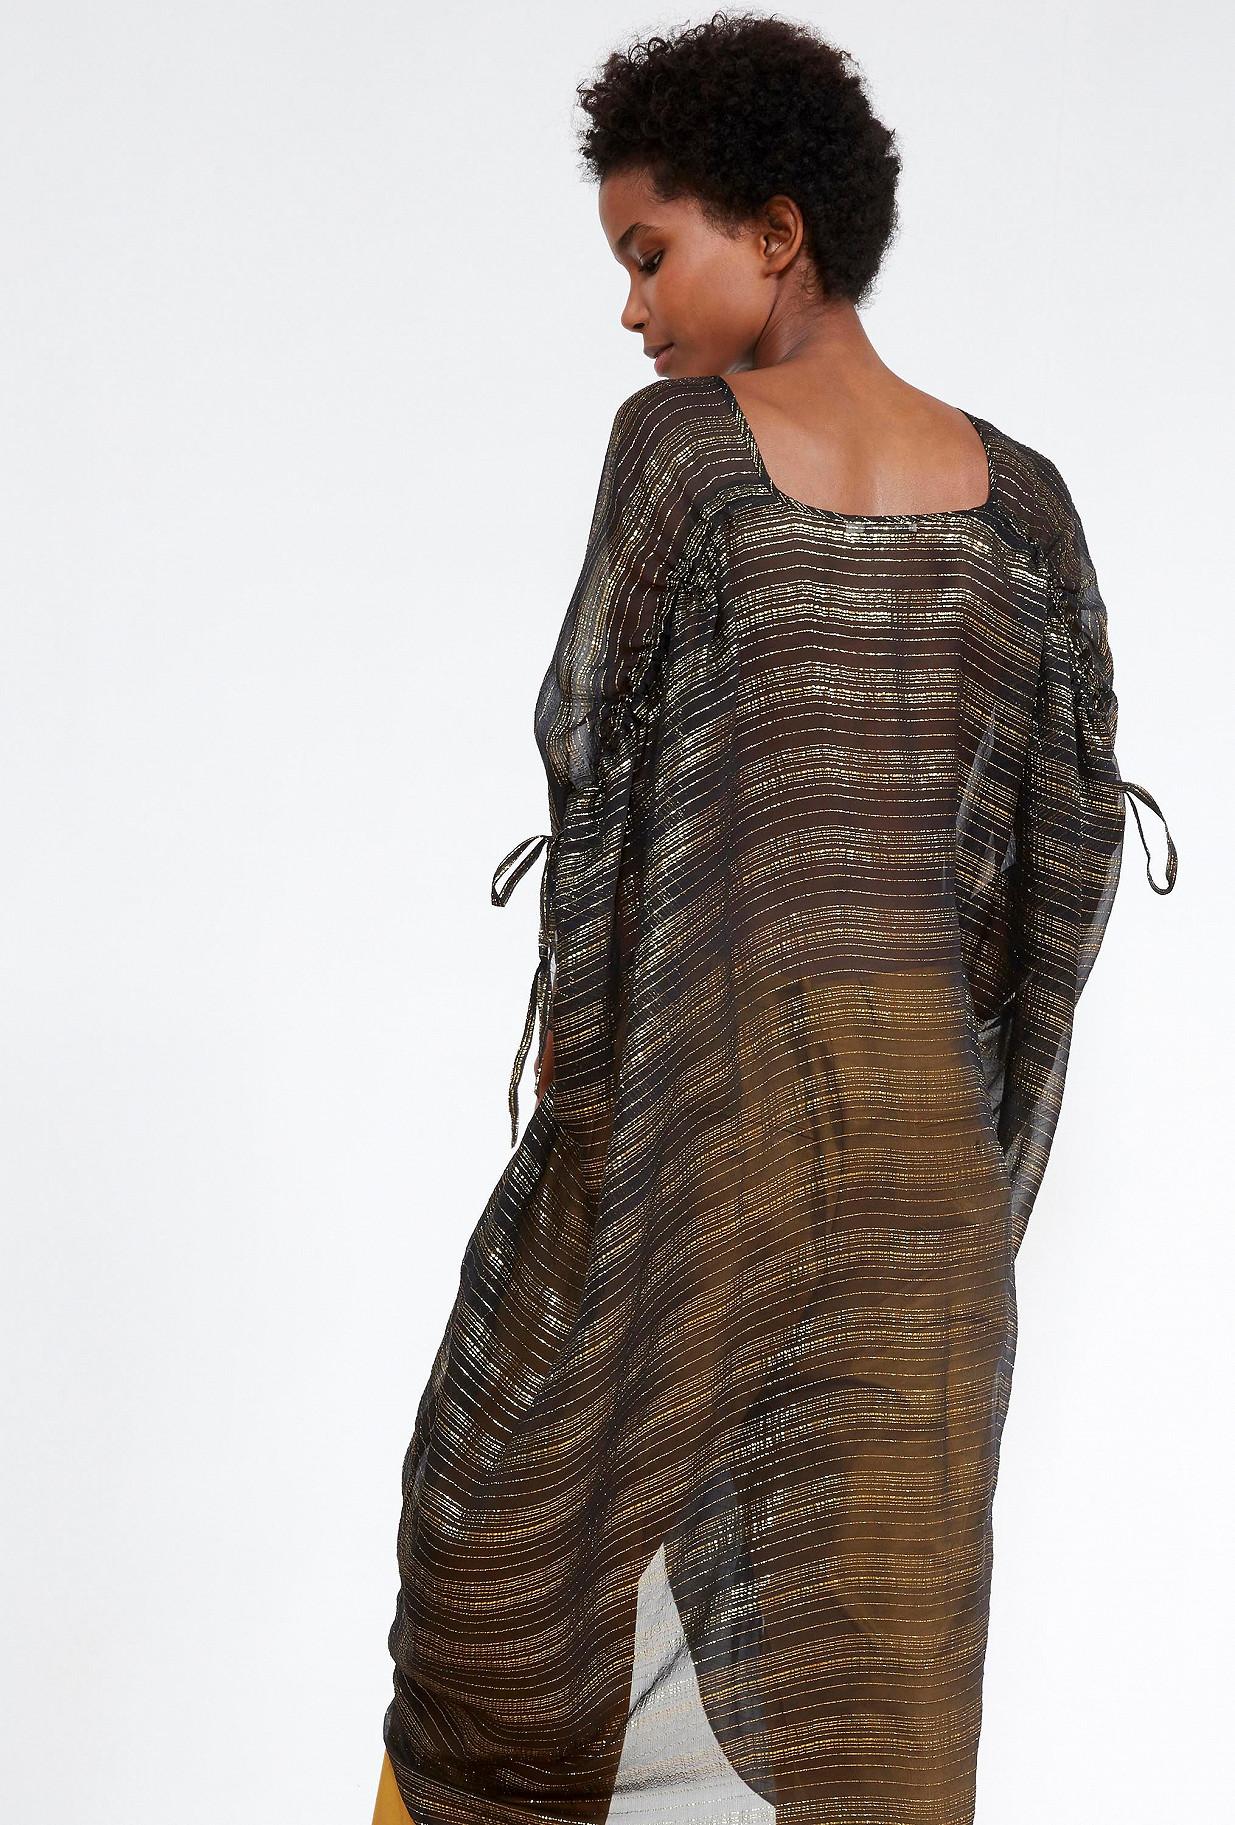 Berry  PONCHO  Estivale Mes demoiselles fashion clothes designer Paris